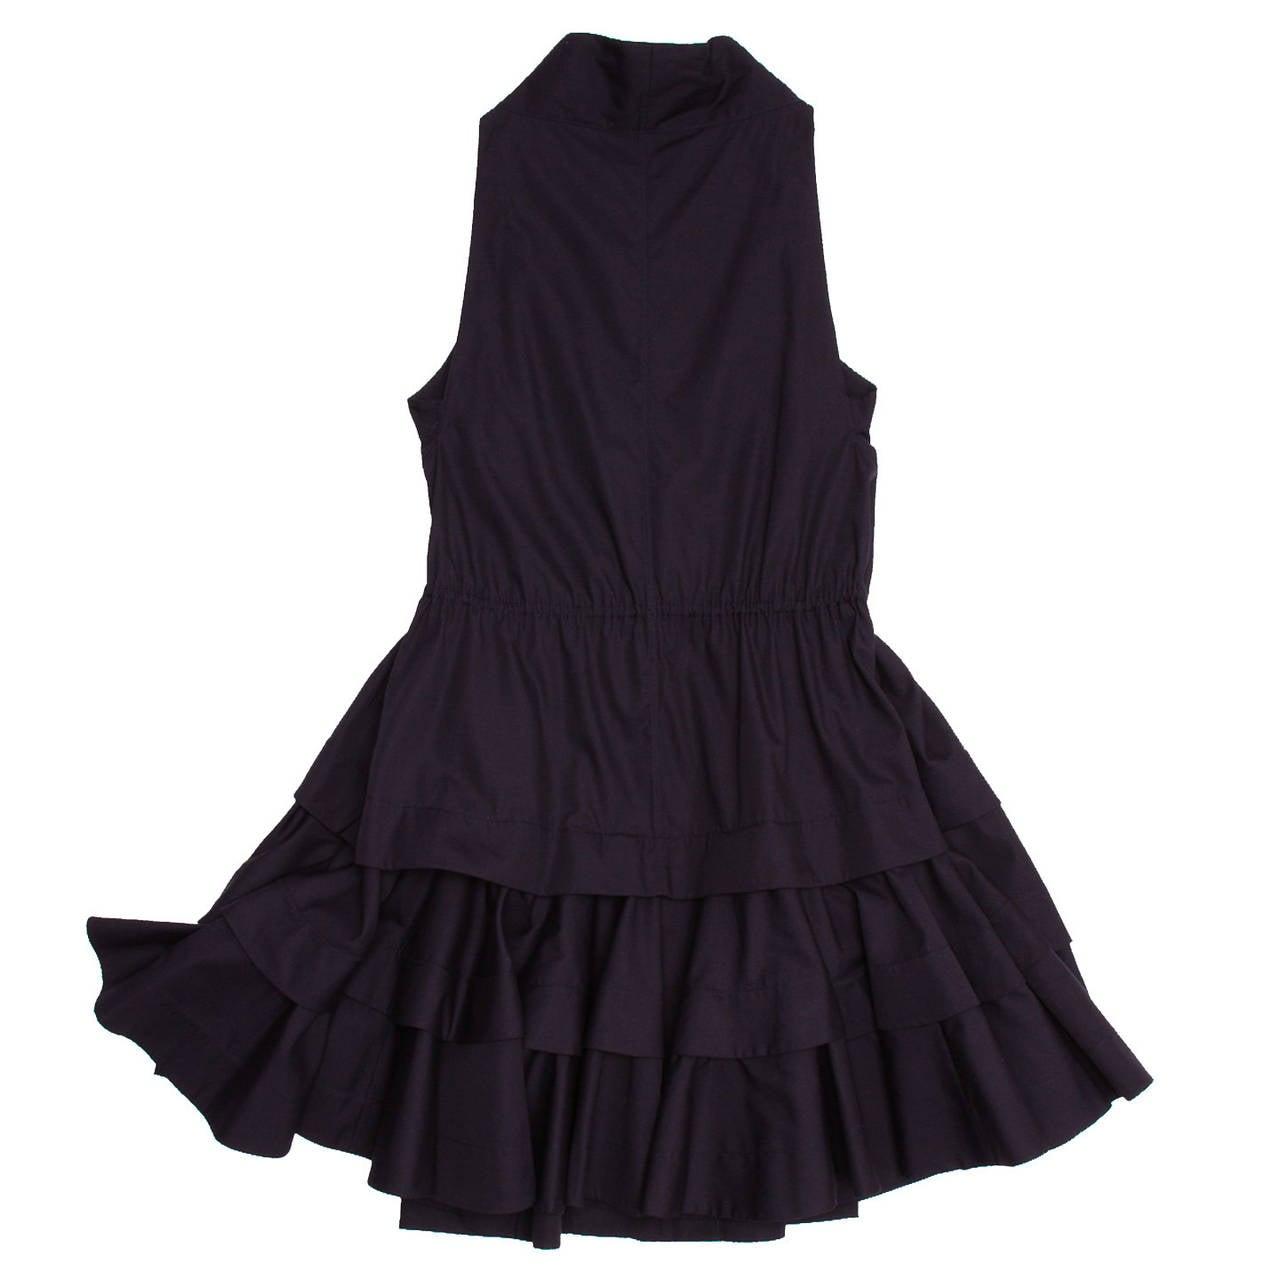 Alaïa Dress Navy Halter Style 2